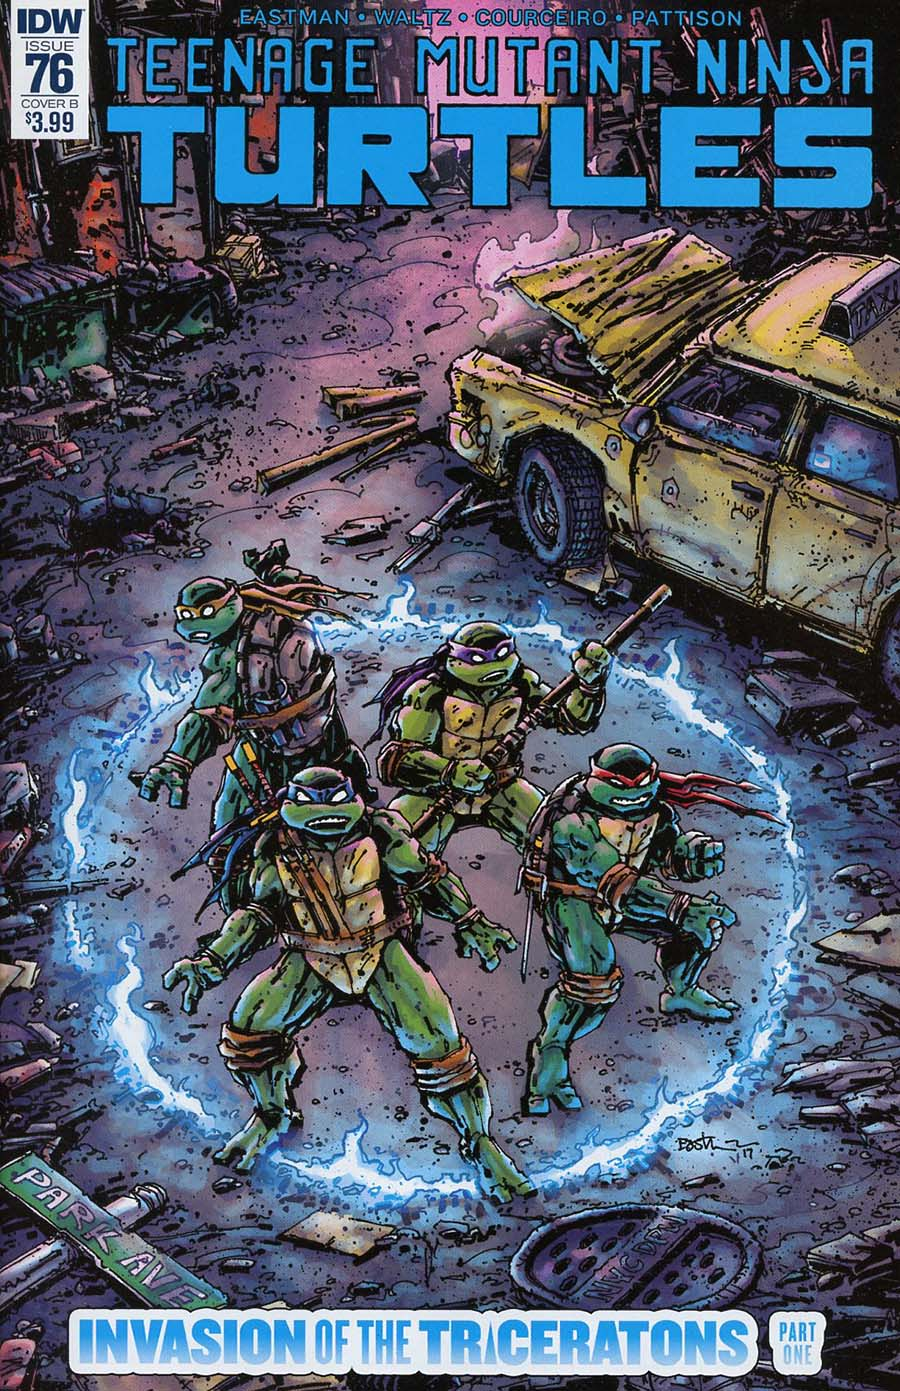 Teenage Mutant Ninja Turtles Vol 5 #76 Cover B Variant Kevin Eastman Cover